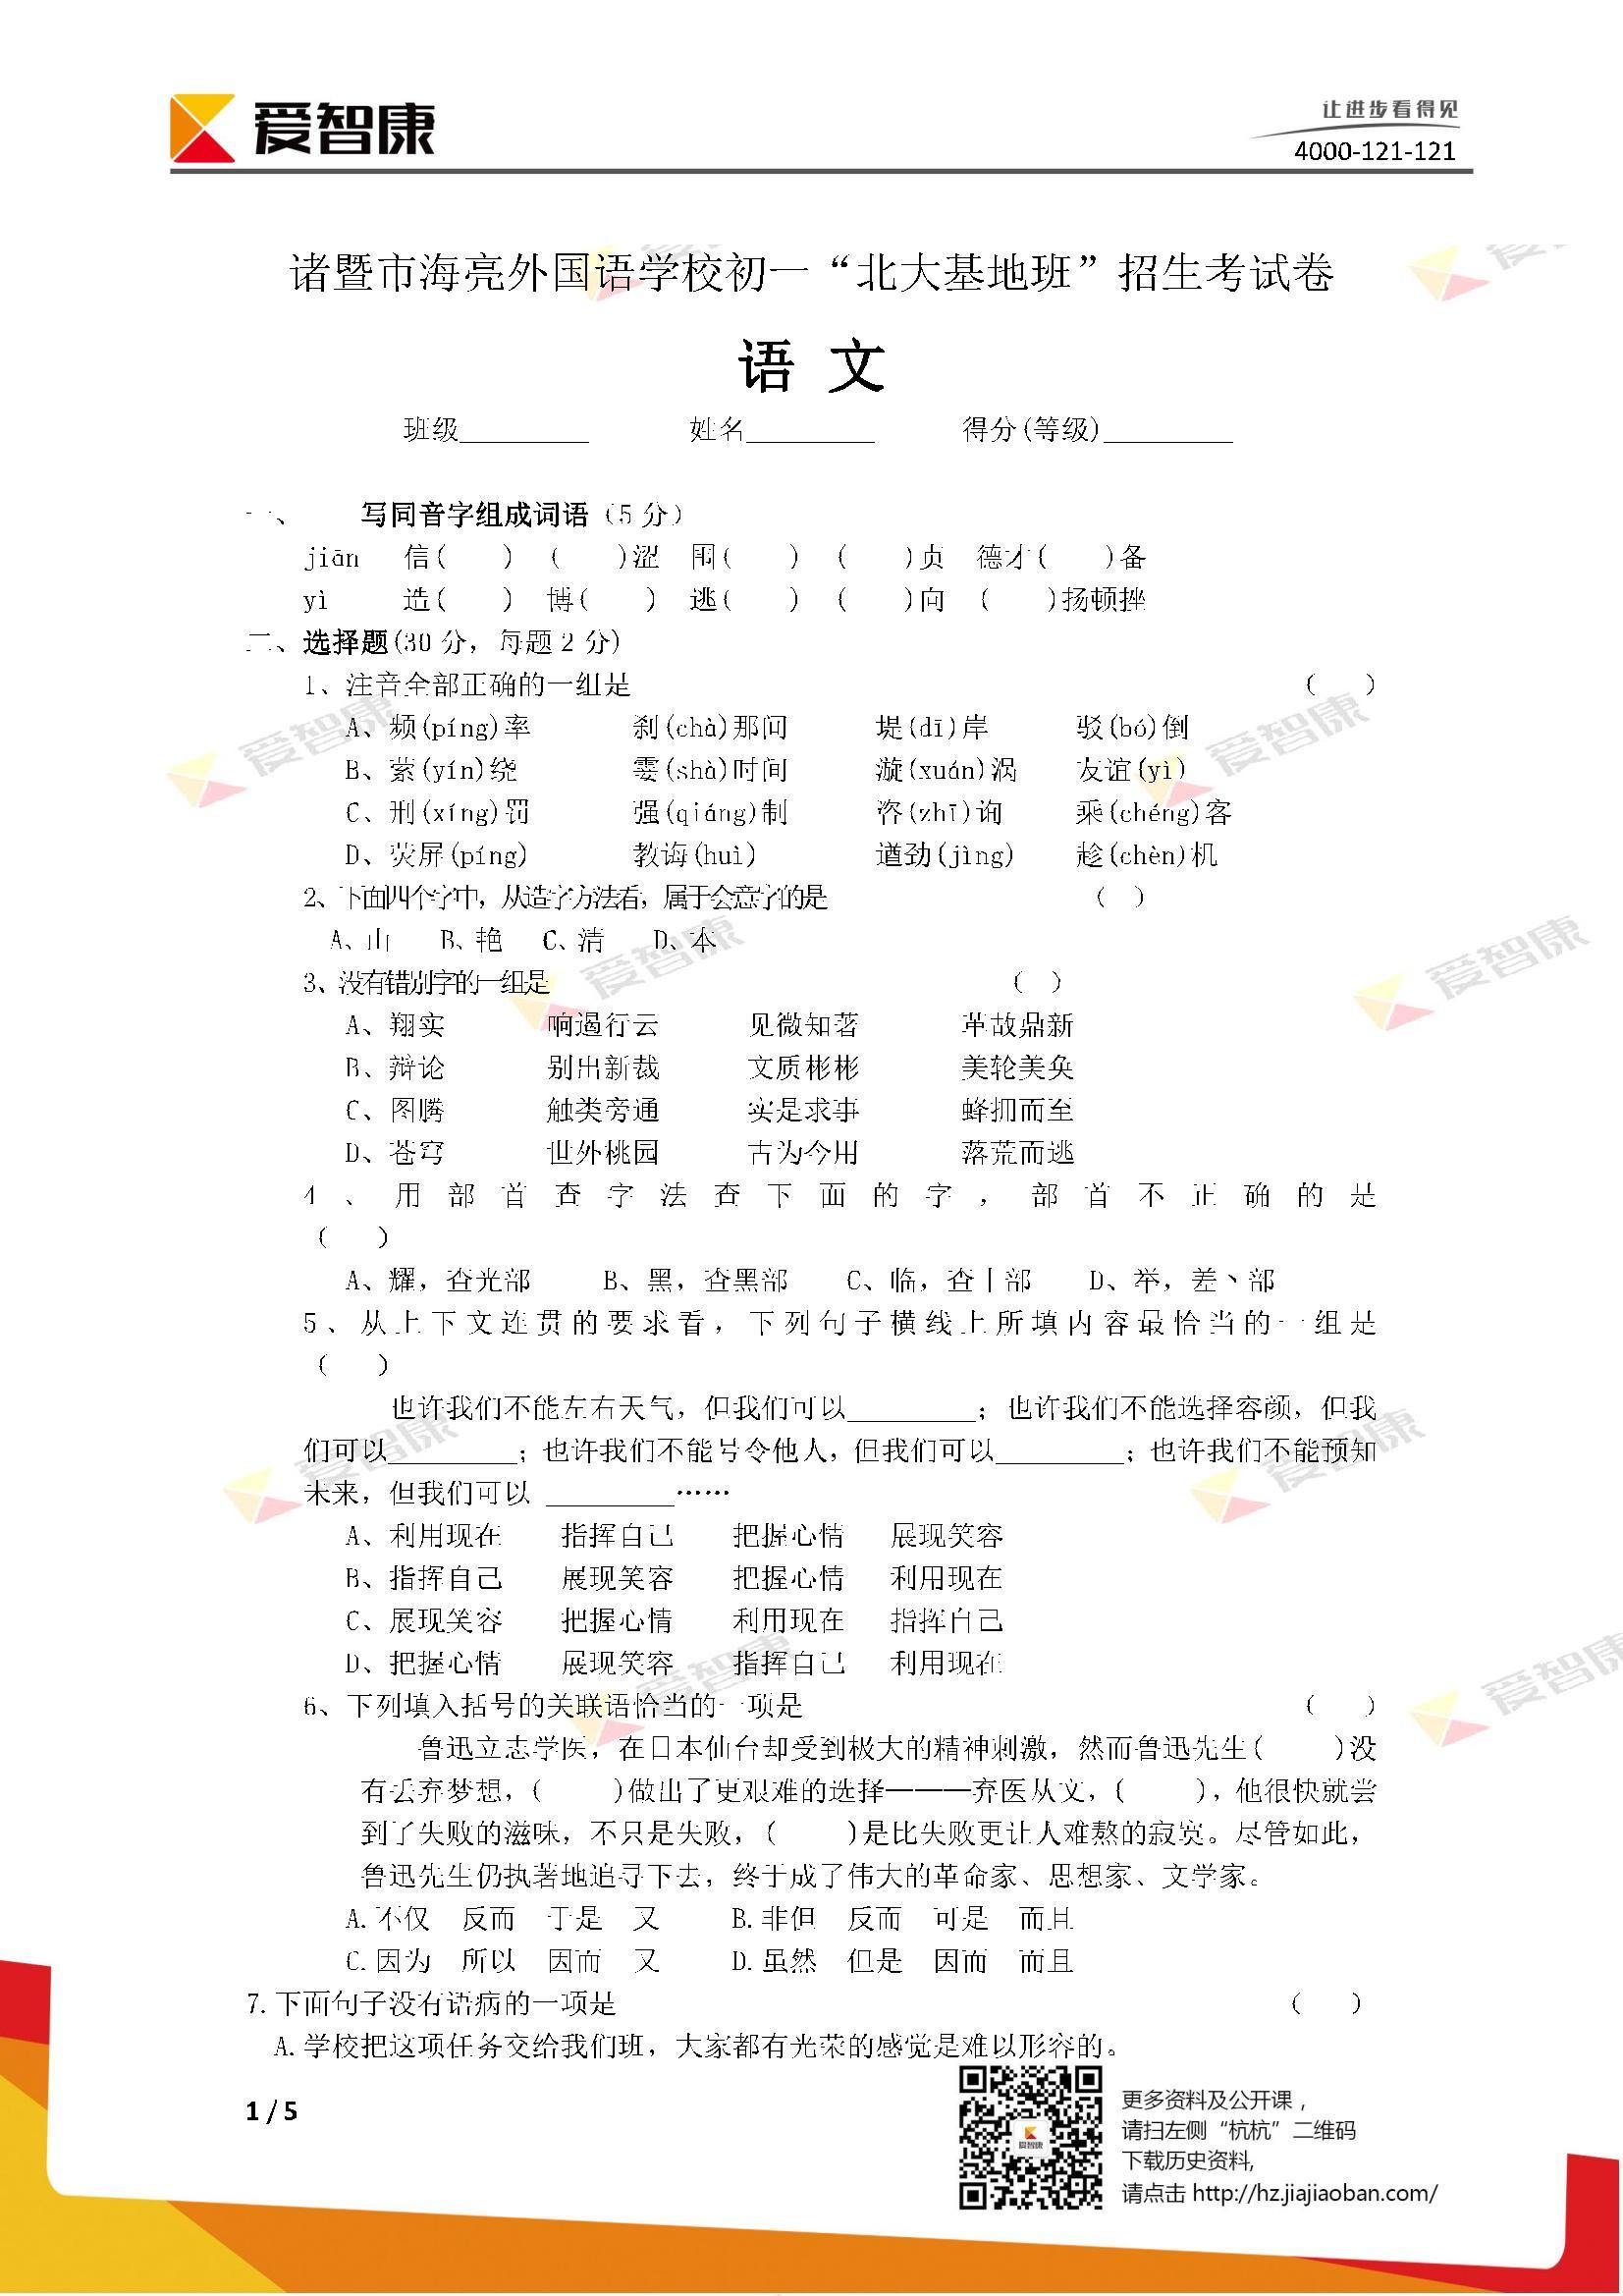 诸暨市海亮外国语学校分班考试题及答案